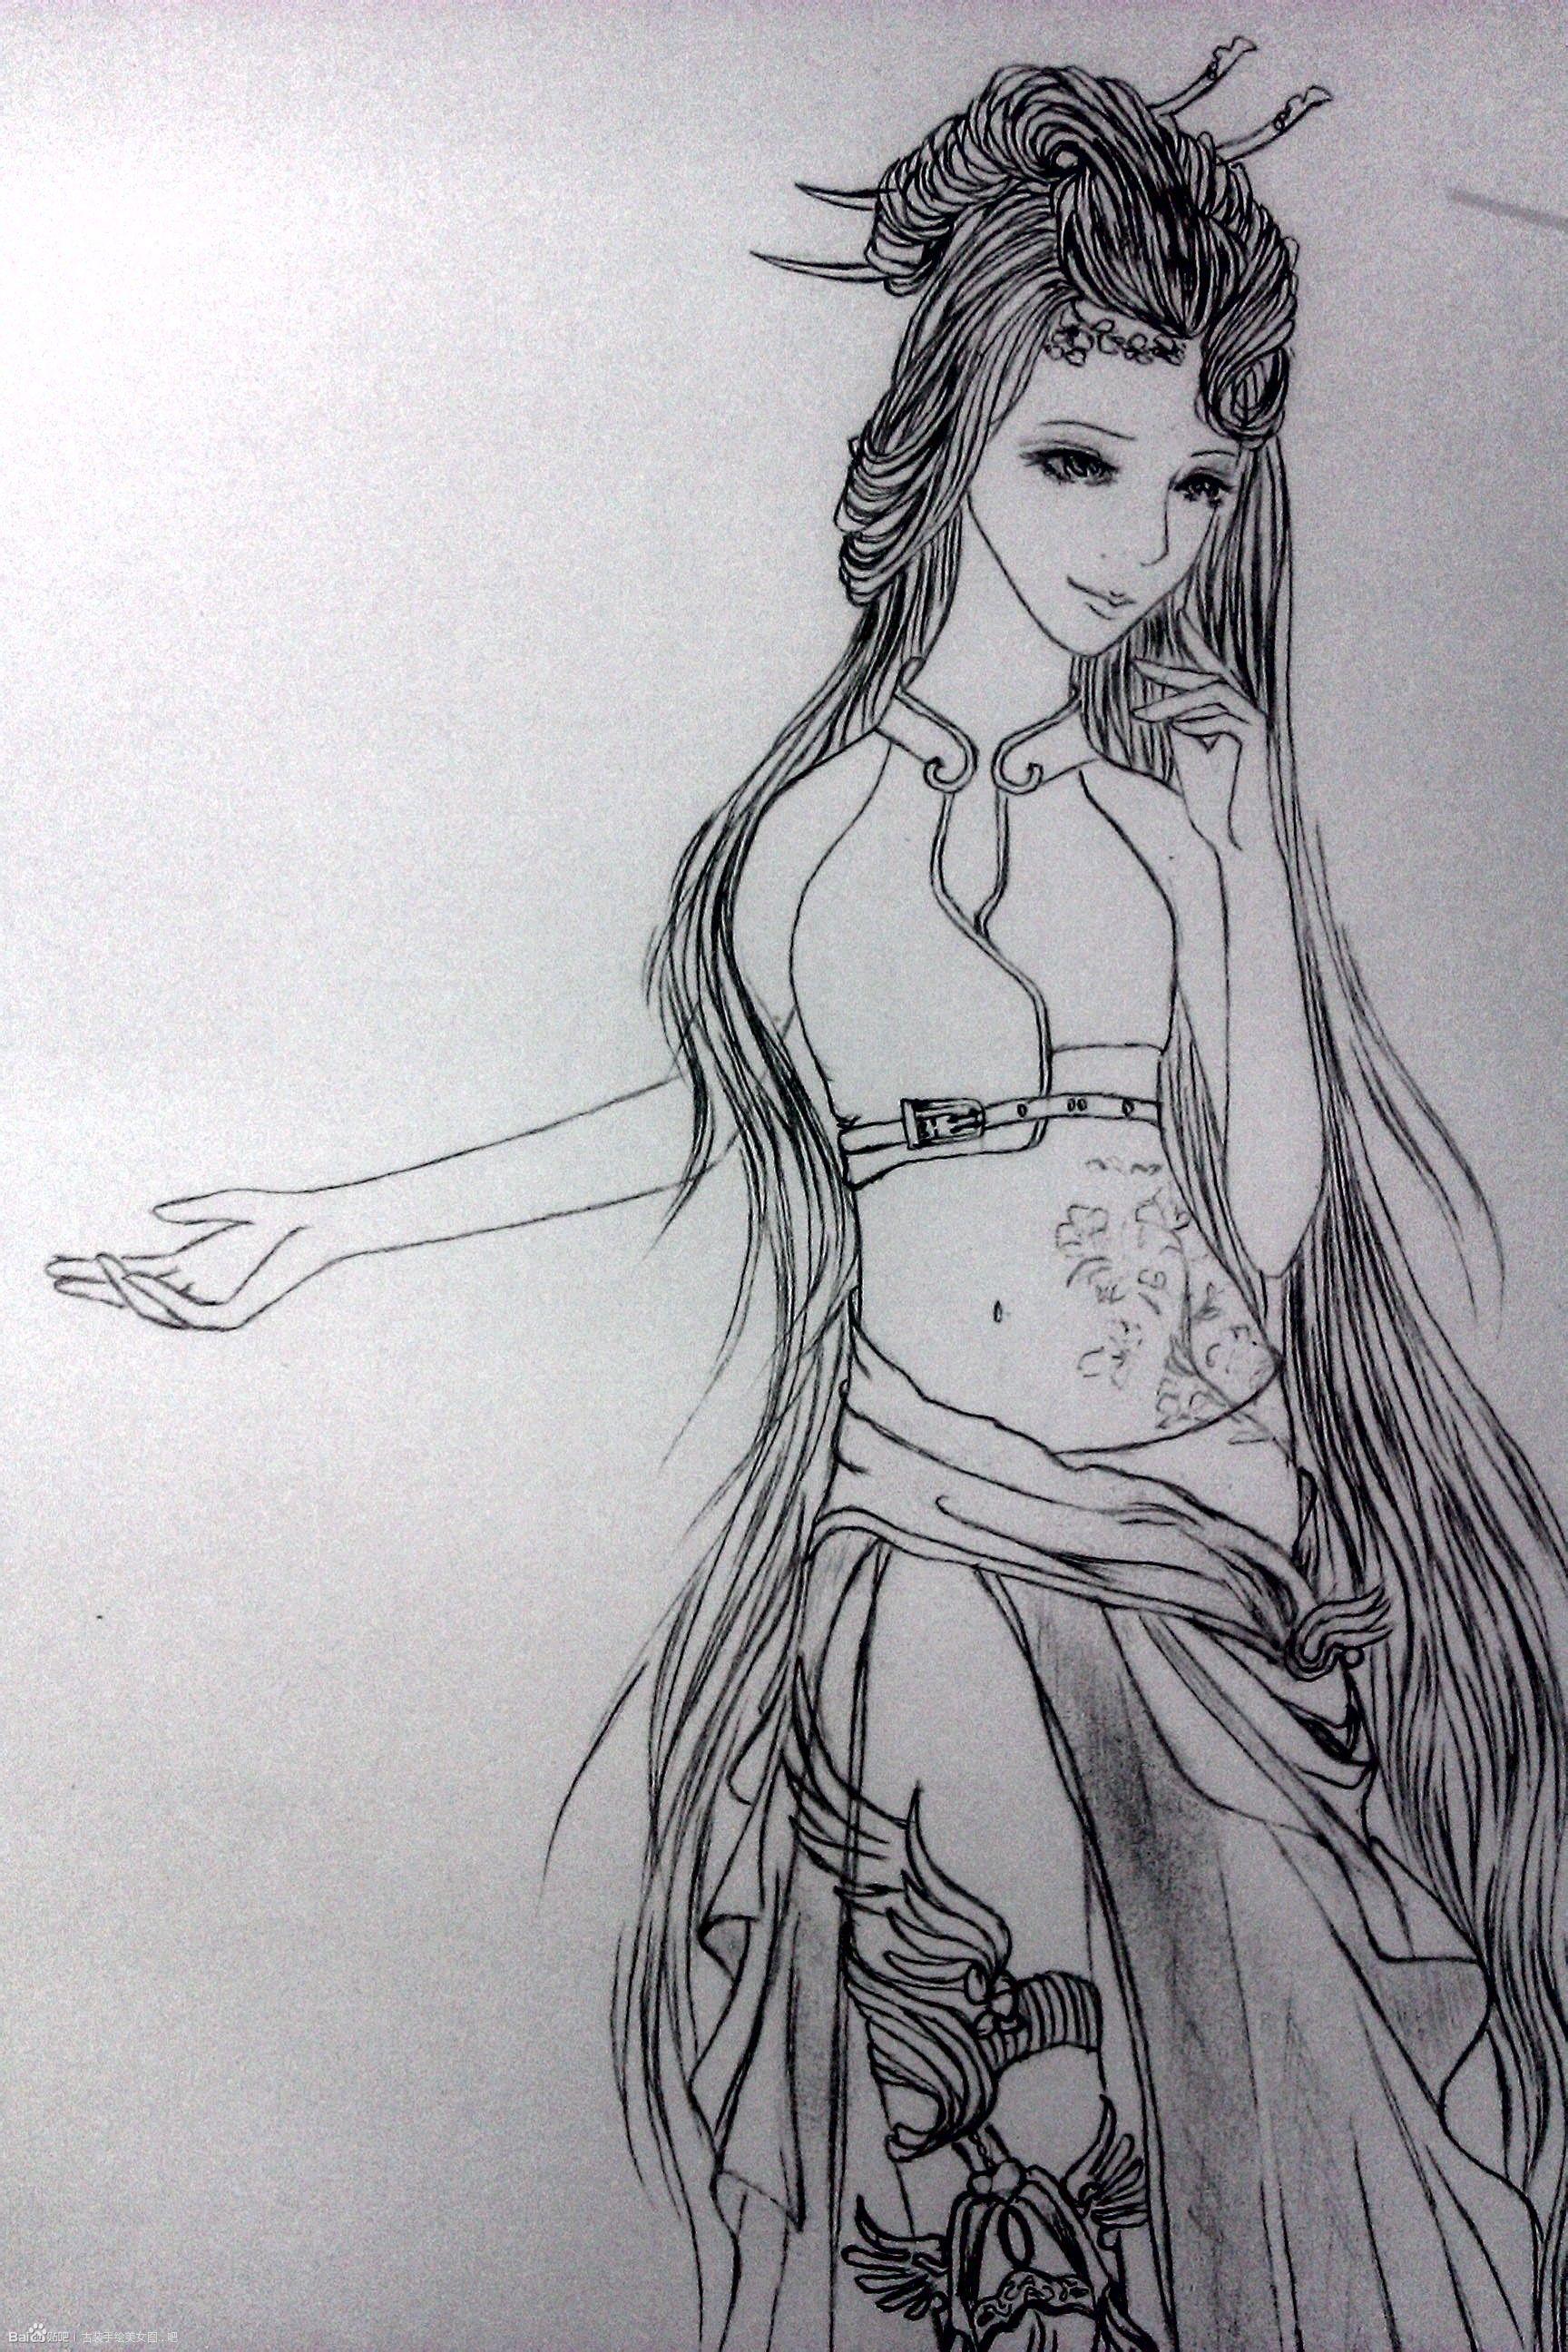 有古代美女手绘图吗?必须要是手绘的,而且很漂亮,必赞